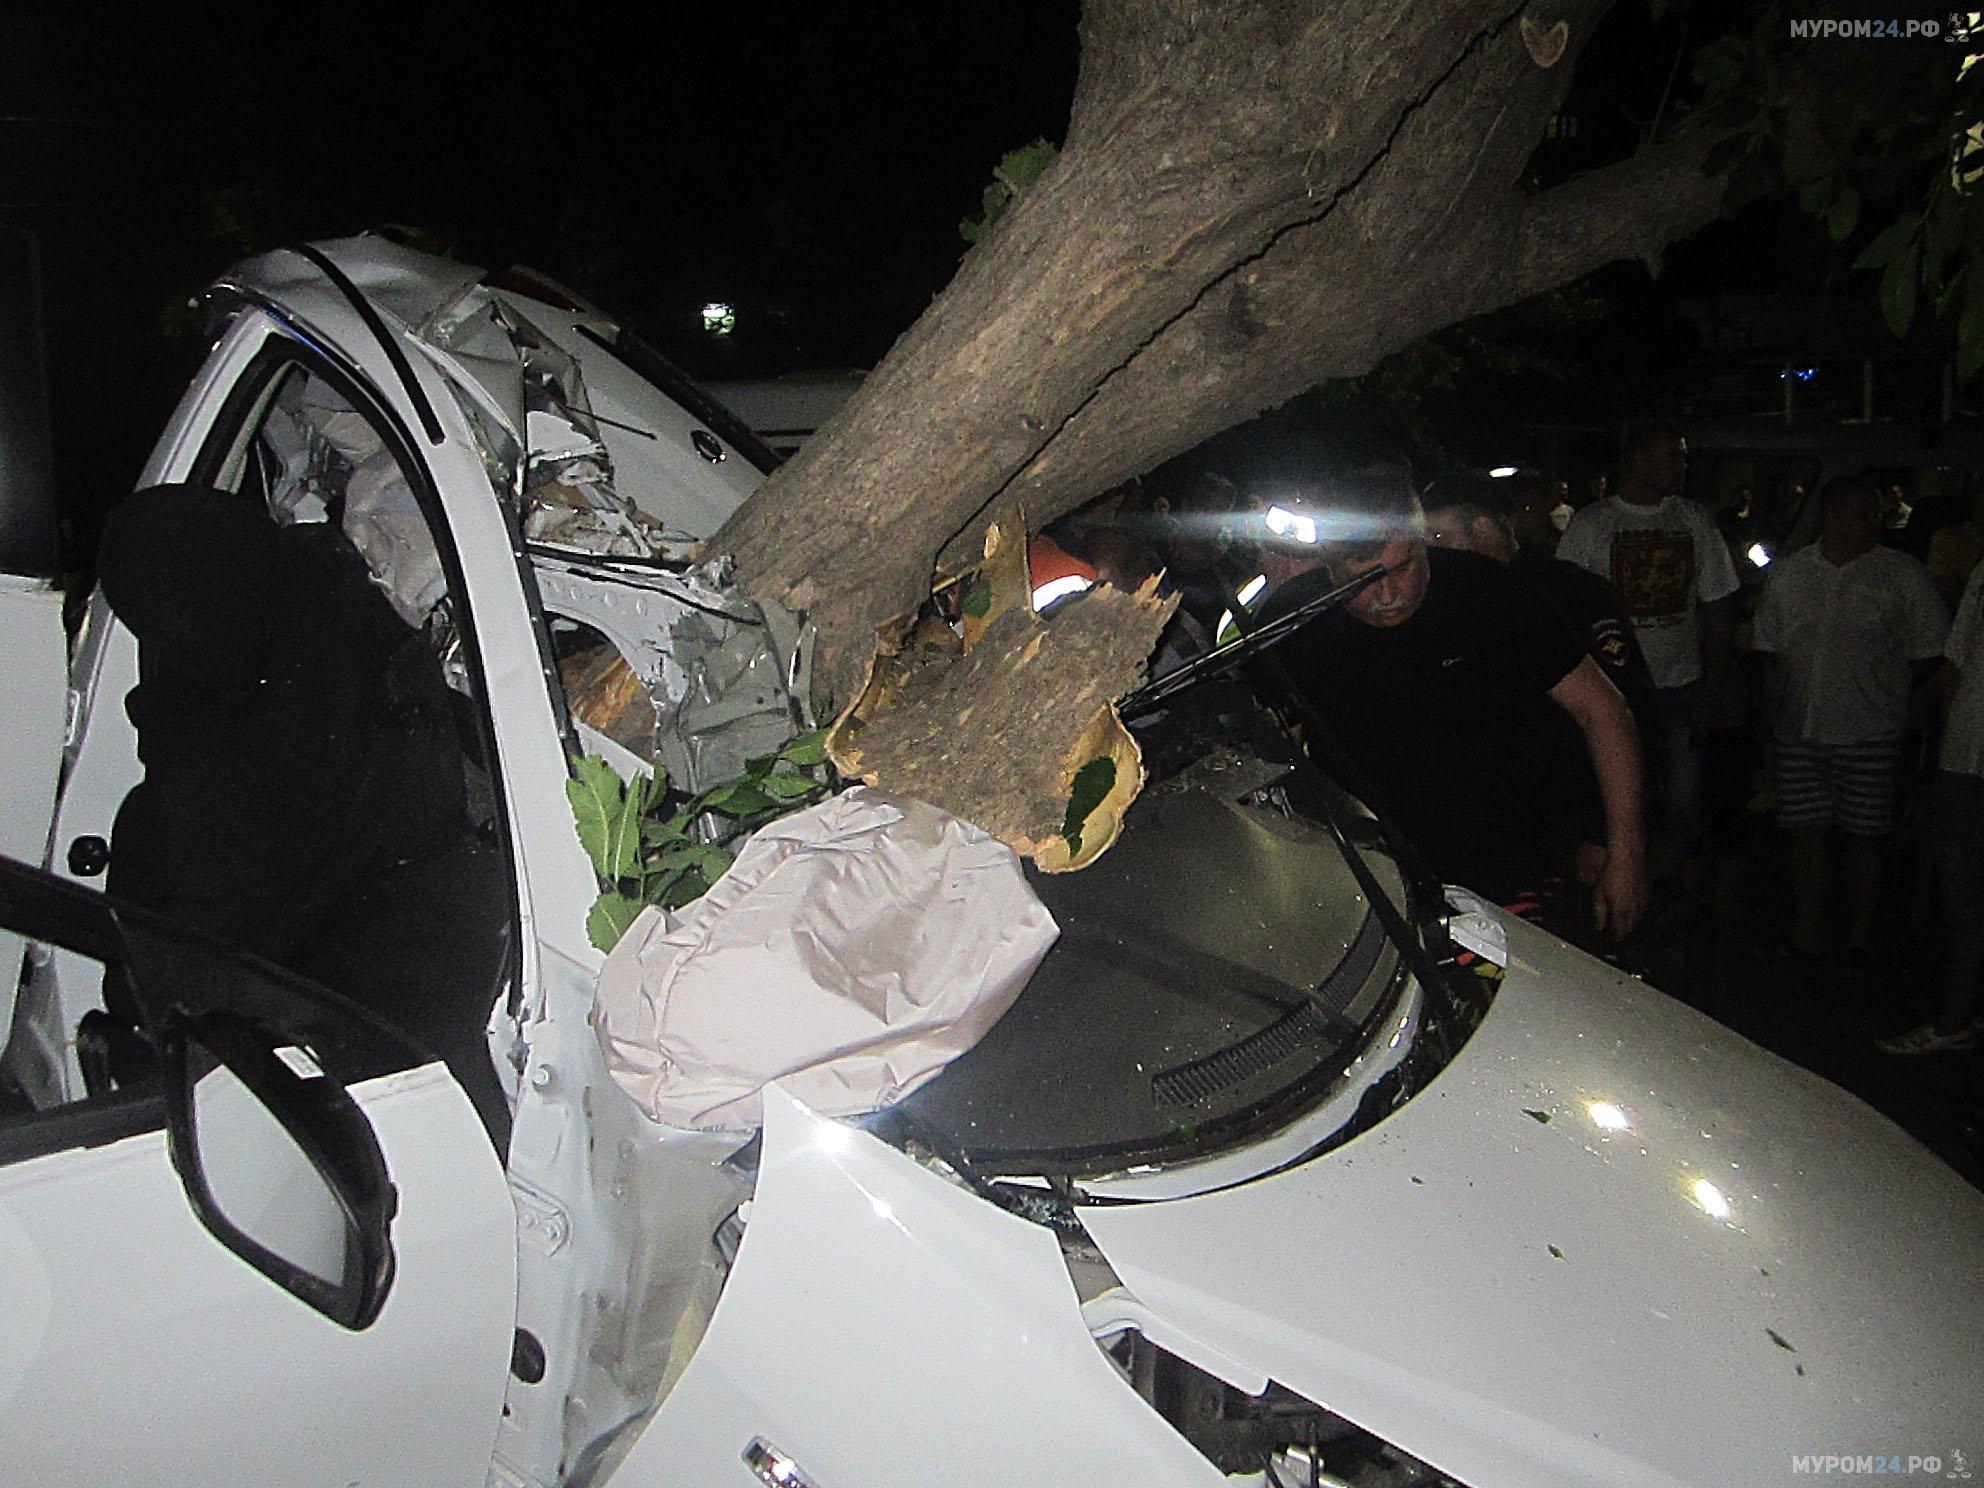 Авария в муроме на объездной с 01092014 фото 3